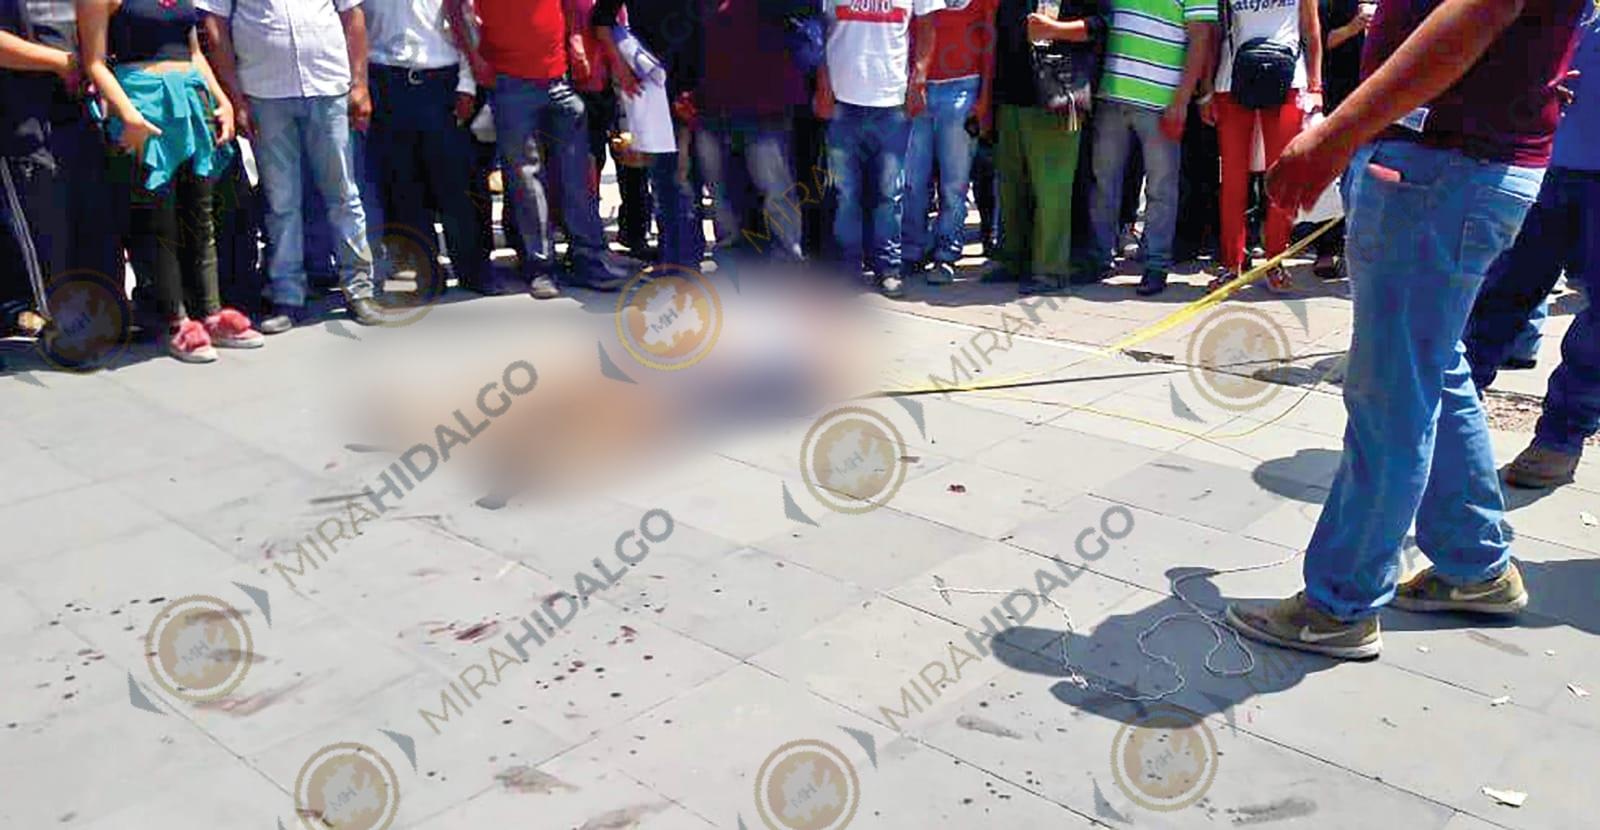 Dan 27 años de prisión a responsable de linchamiento ocurrido en Ixmiquilpan